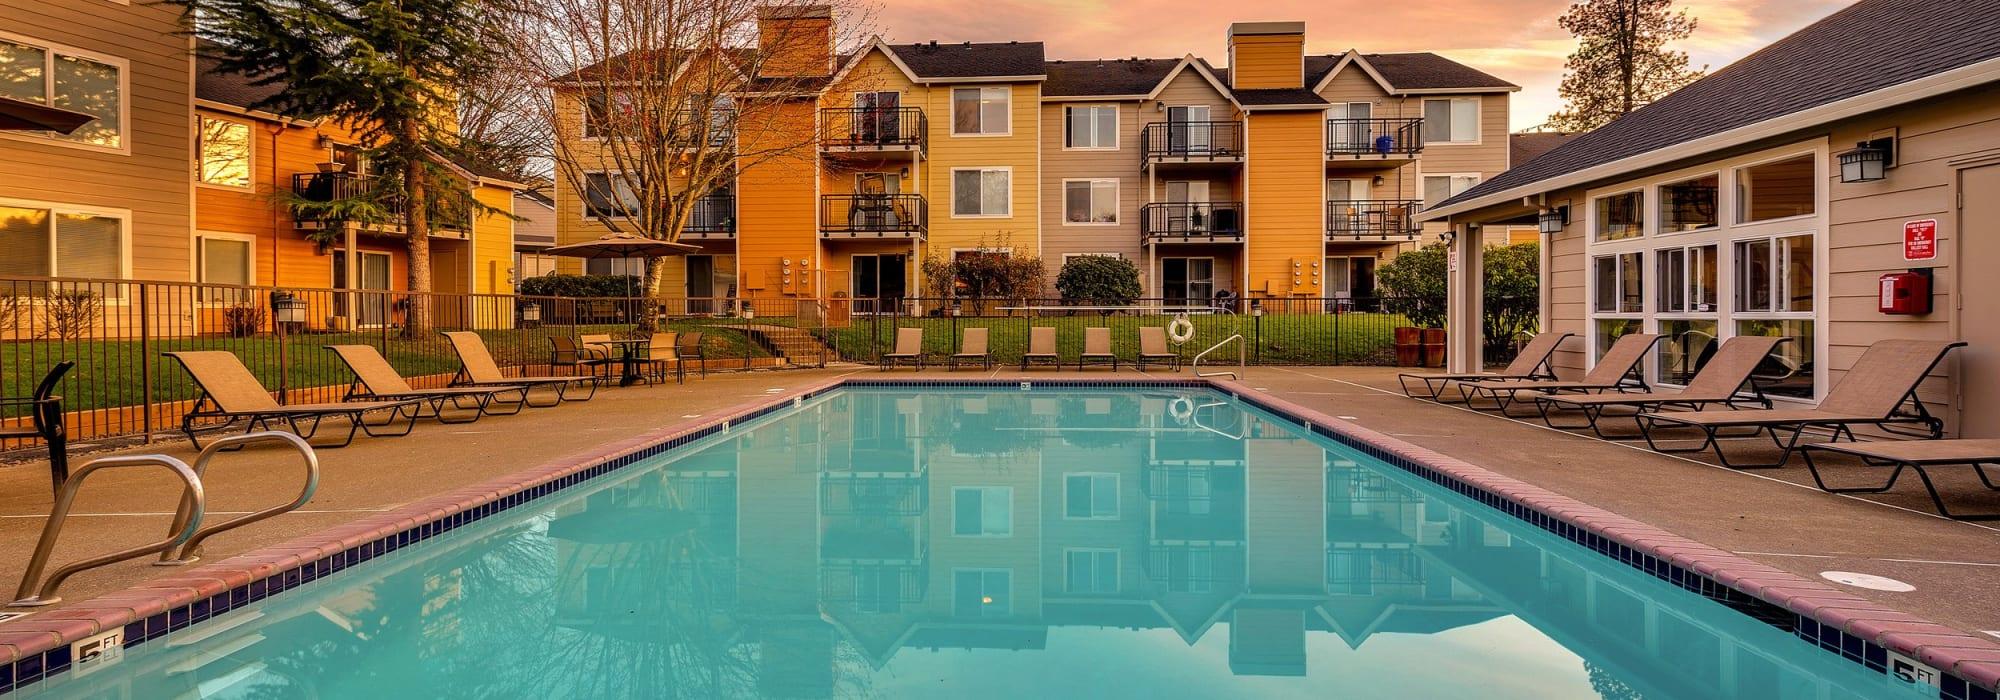 Apartments in Clackamas, Oregon